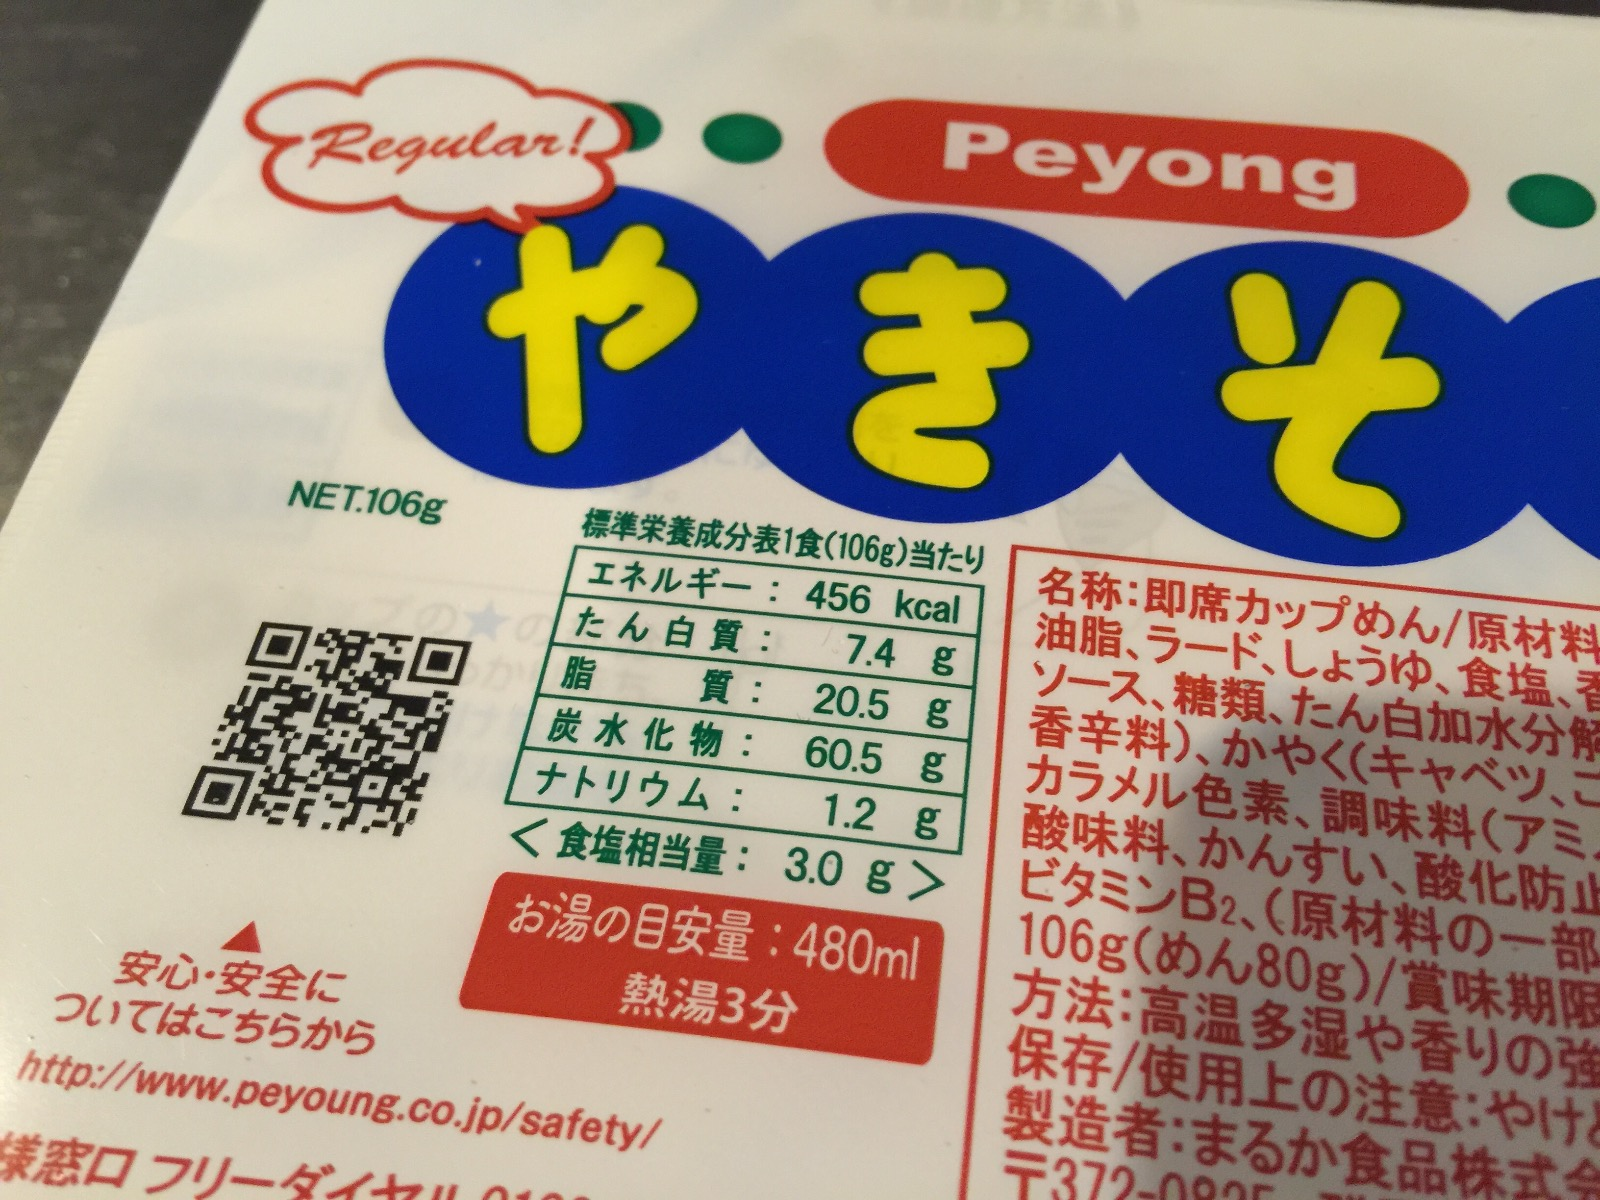 Peyong 2778